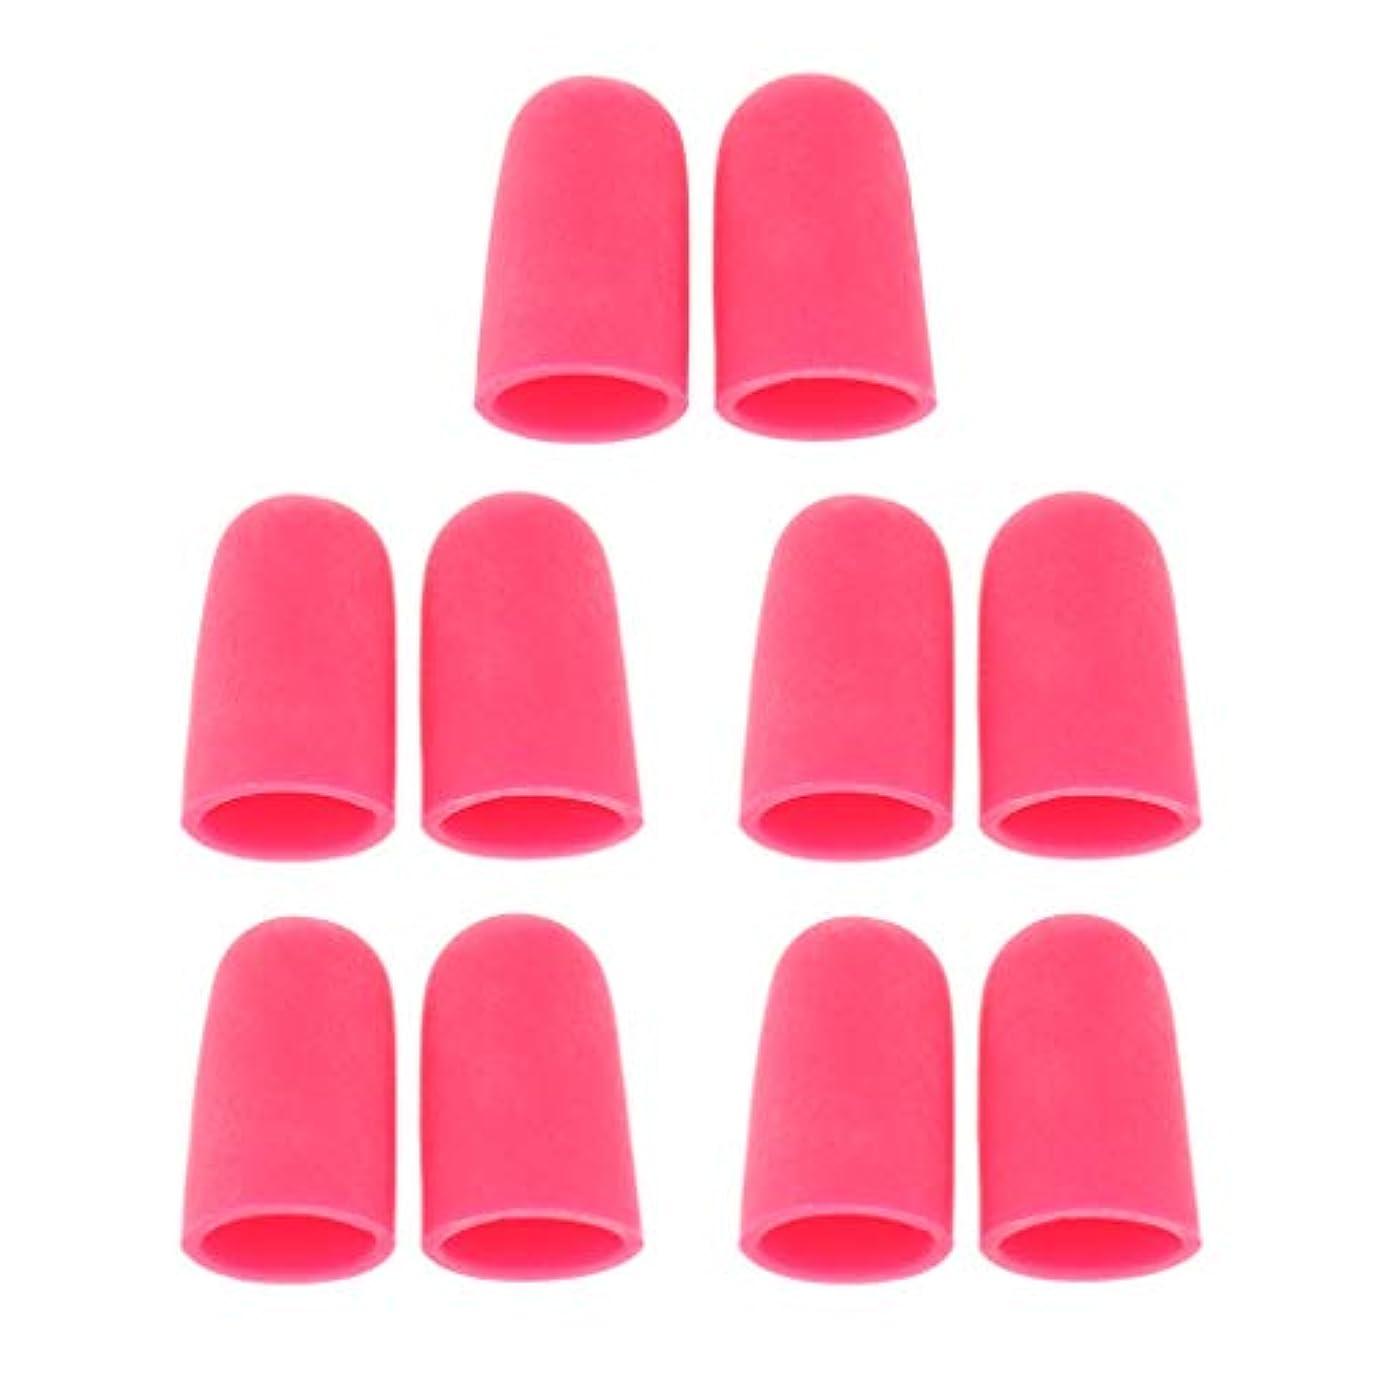 バッテリー意志に反する誘惑5ペア つま先キャップ 足指保護キャップ ジェルトゥキャップ フットケア 柔軟 男女兼用 全2サイズ - S